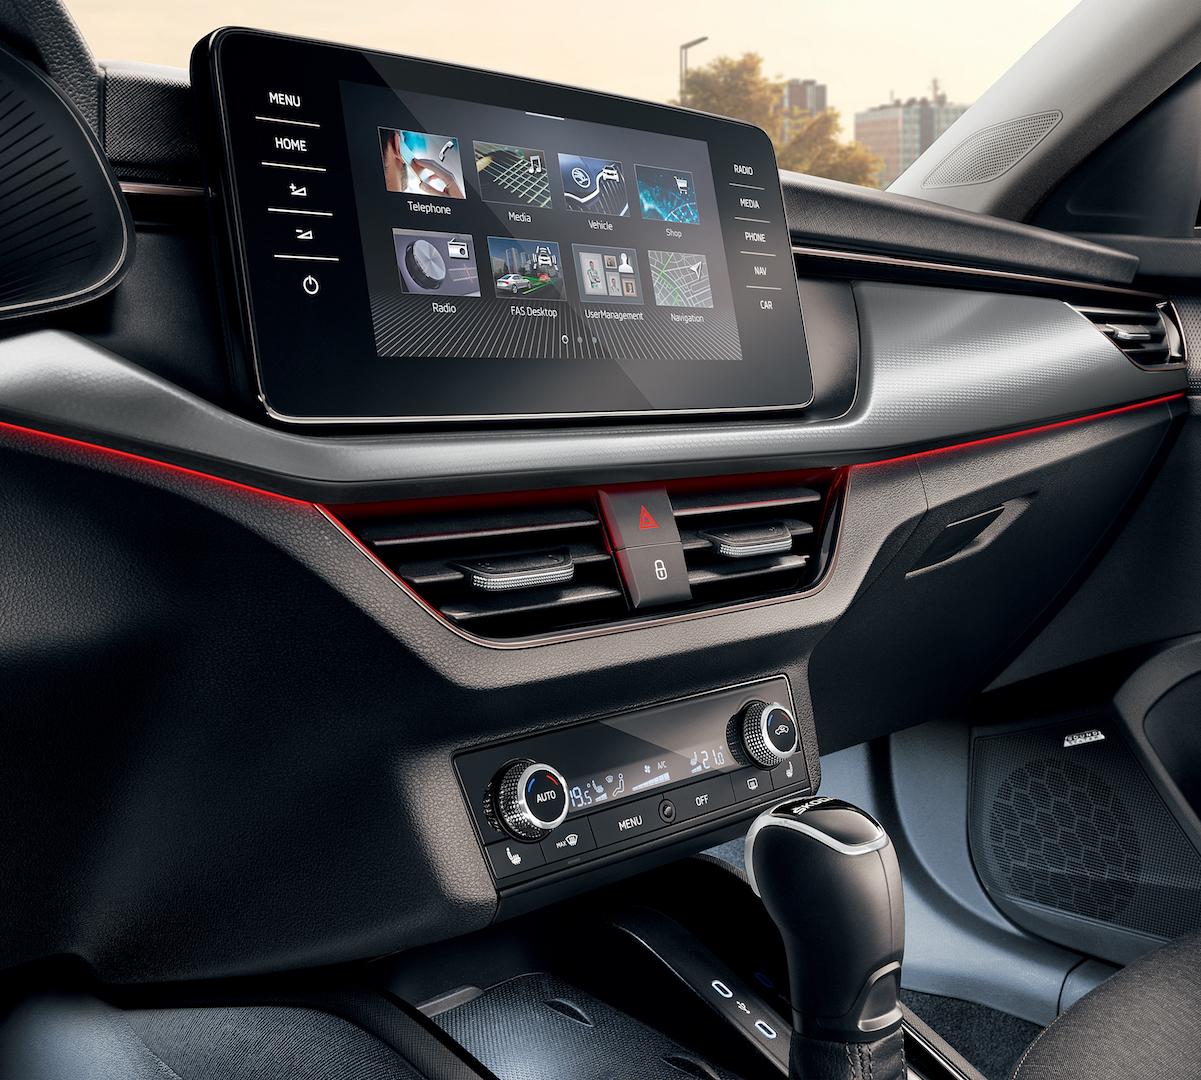 Moderne Mittelkonsole, wie bei Autos aus dem VW-Konzern bekannt, alles da aber kein unnötiger Firlefanz.